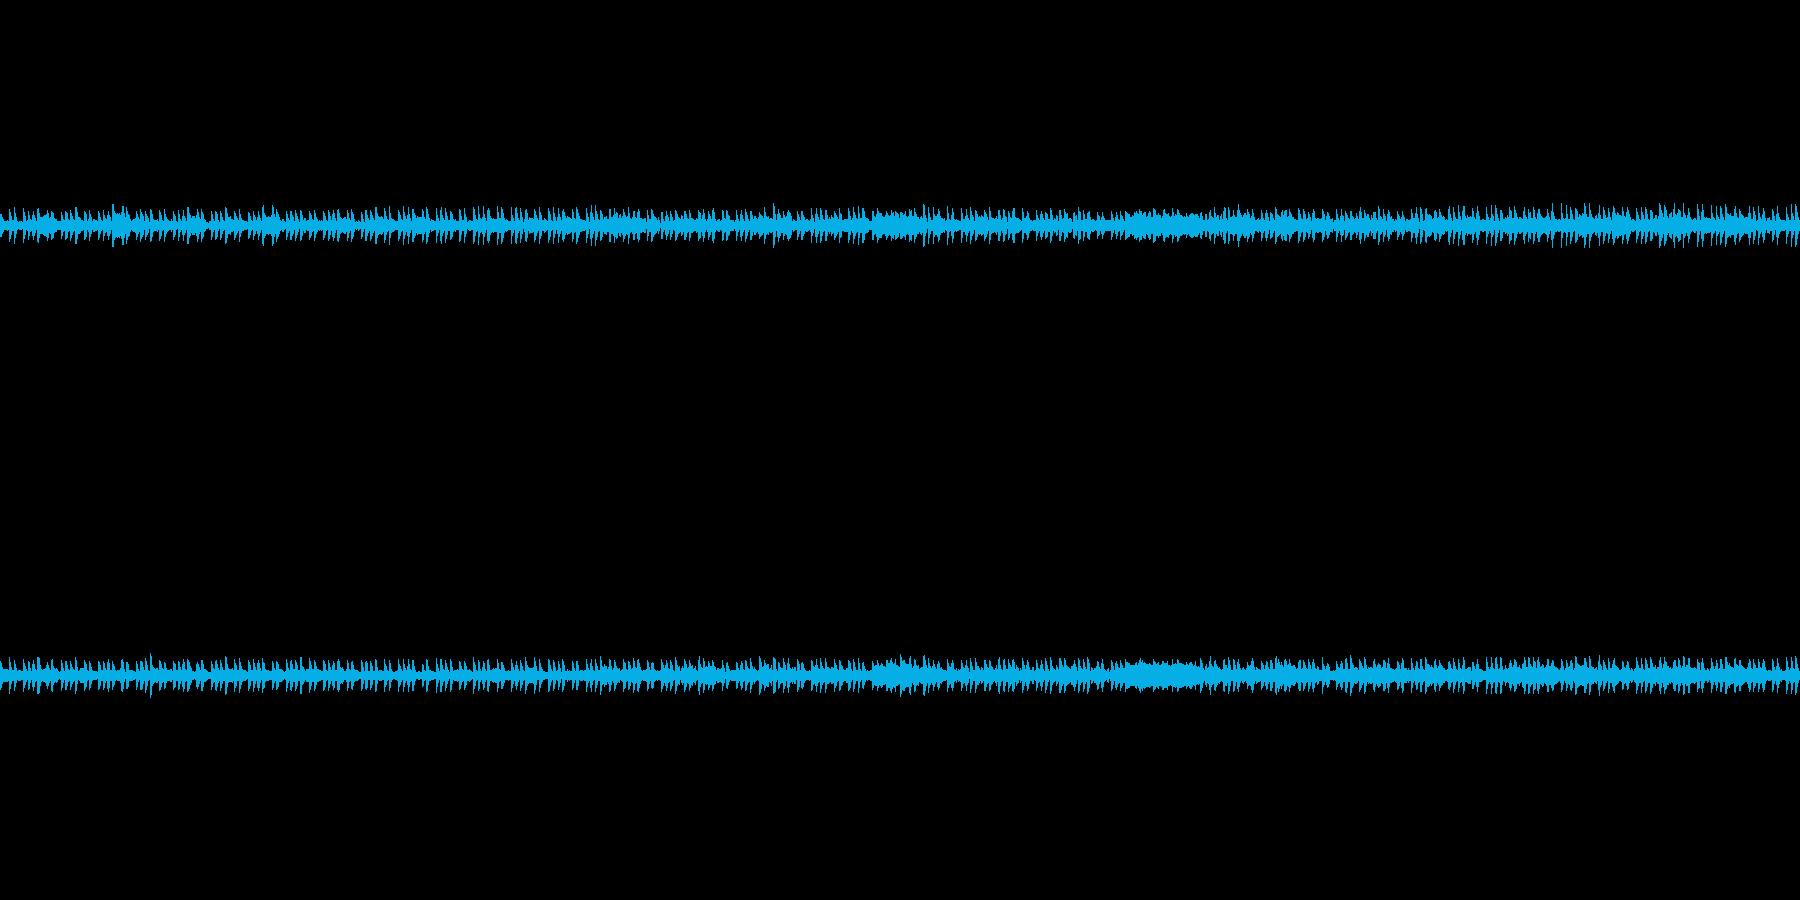 【ゲーム】フワーっ リラックス【ループ】の再生済みの波形